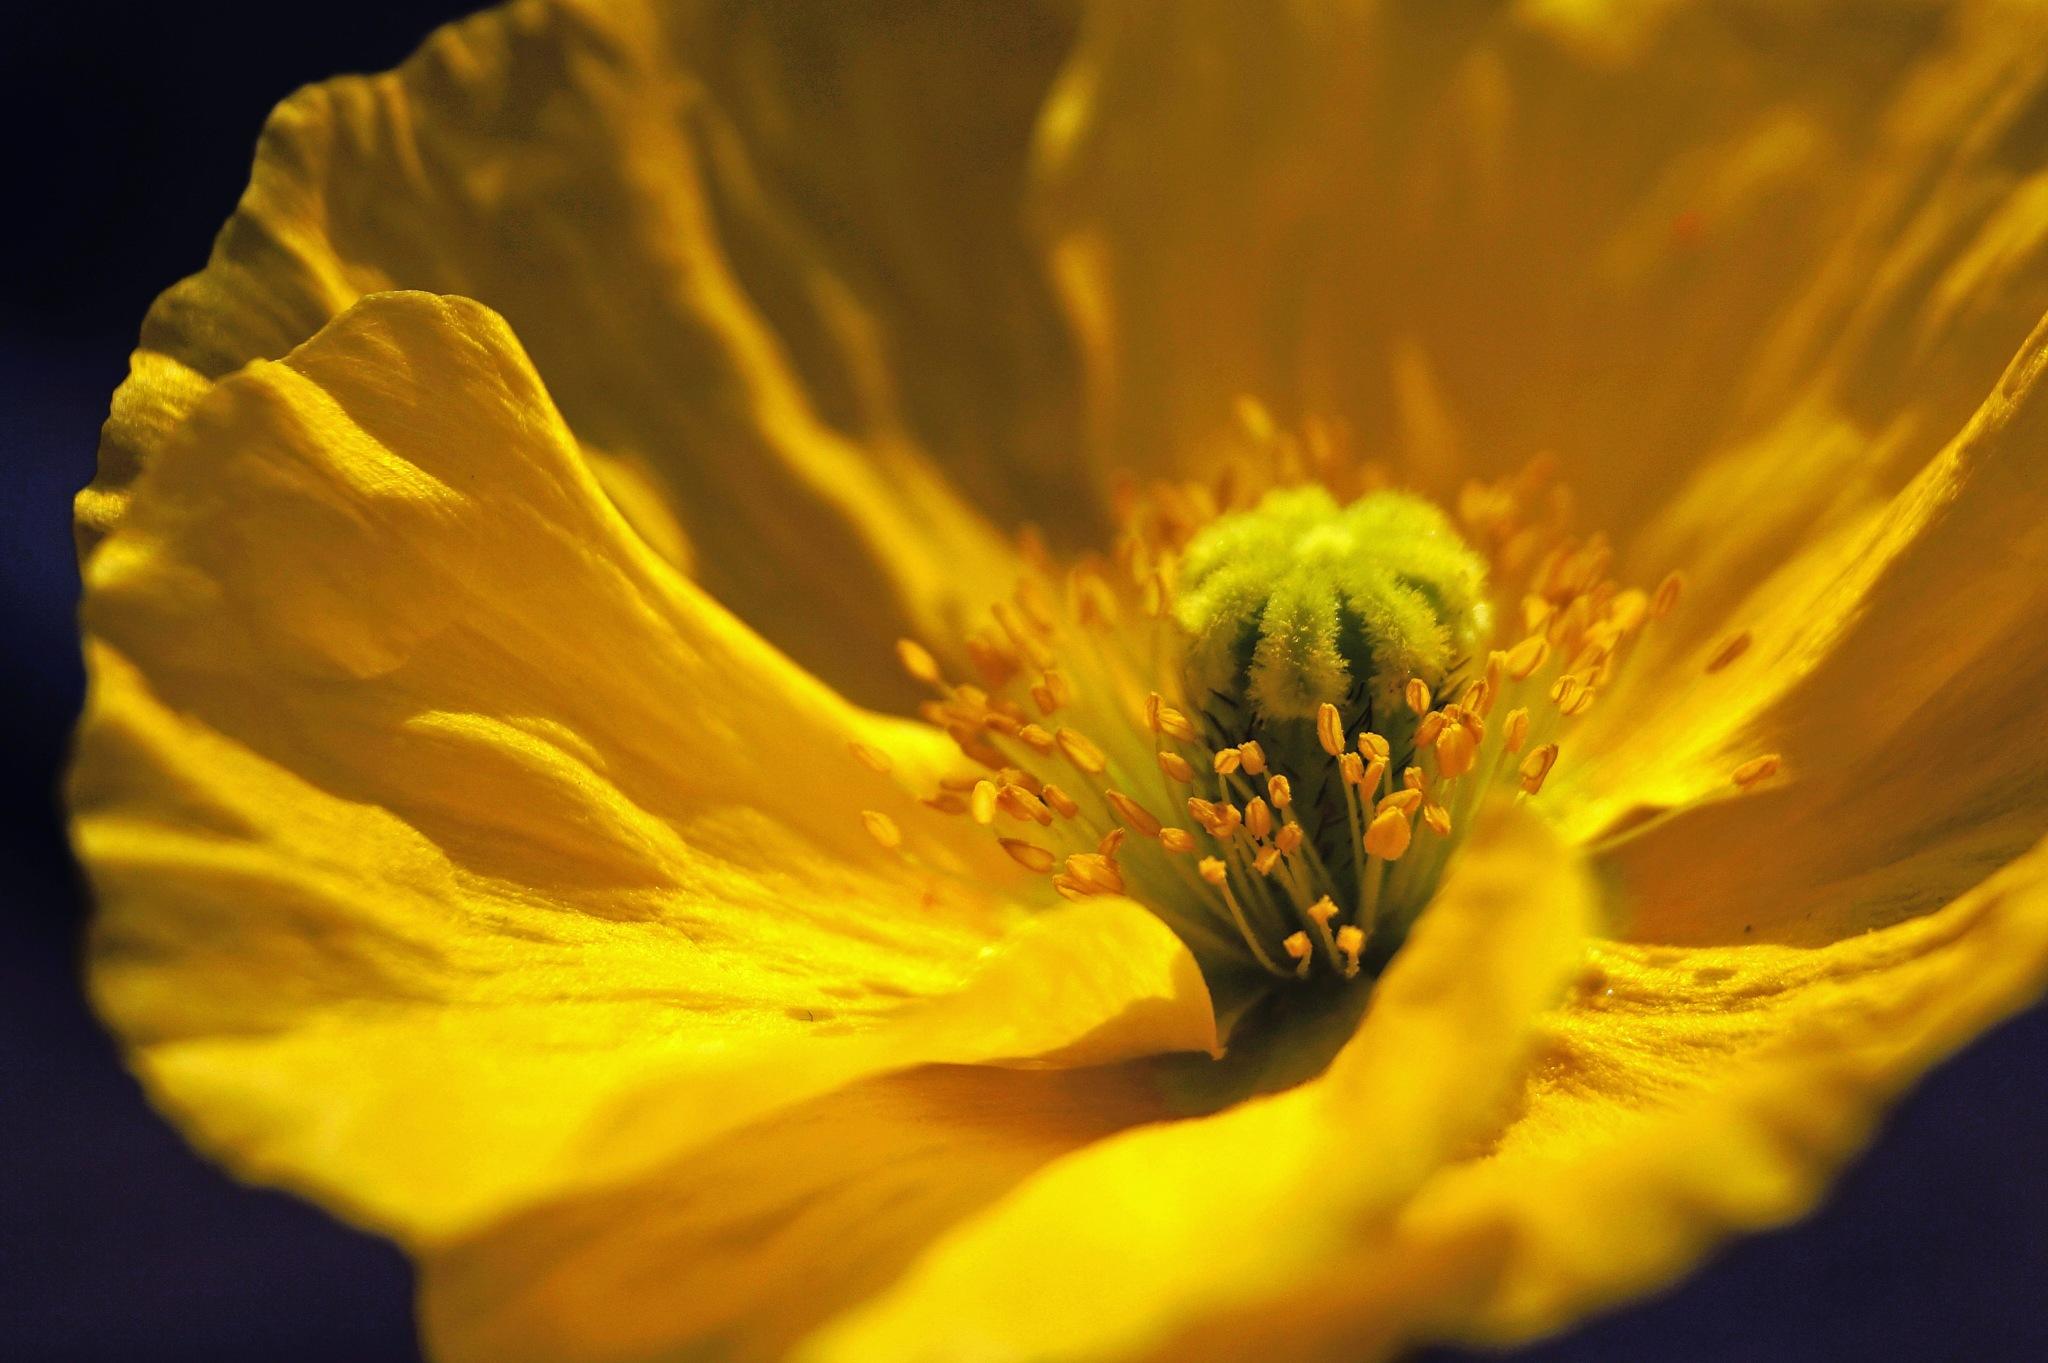 Yellow Poppy by Marian Baay